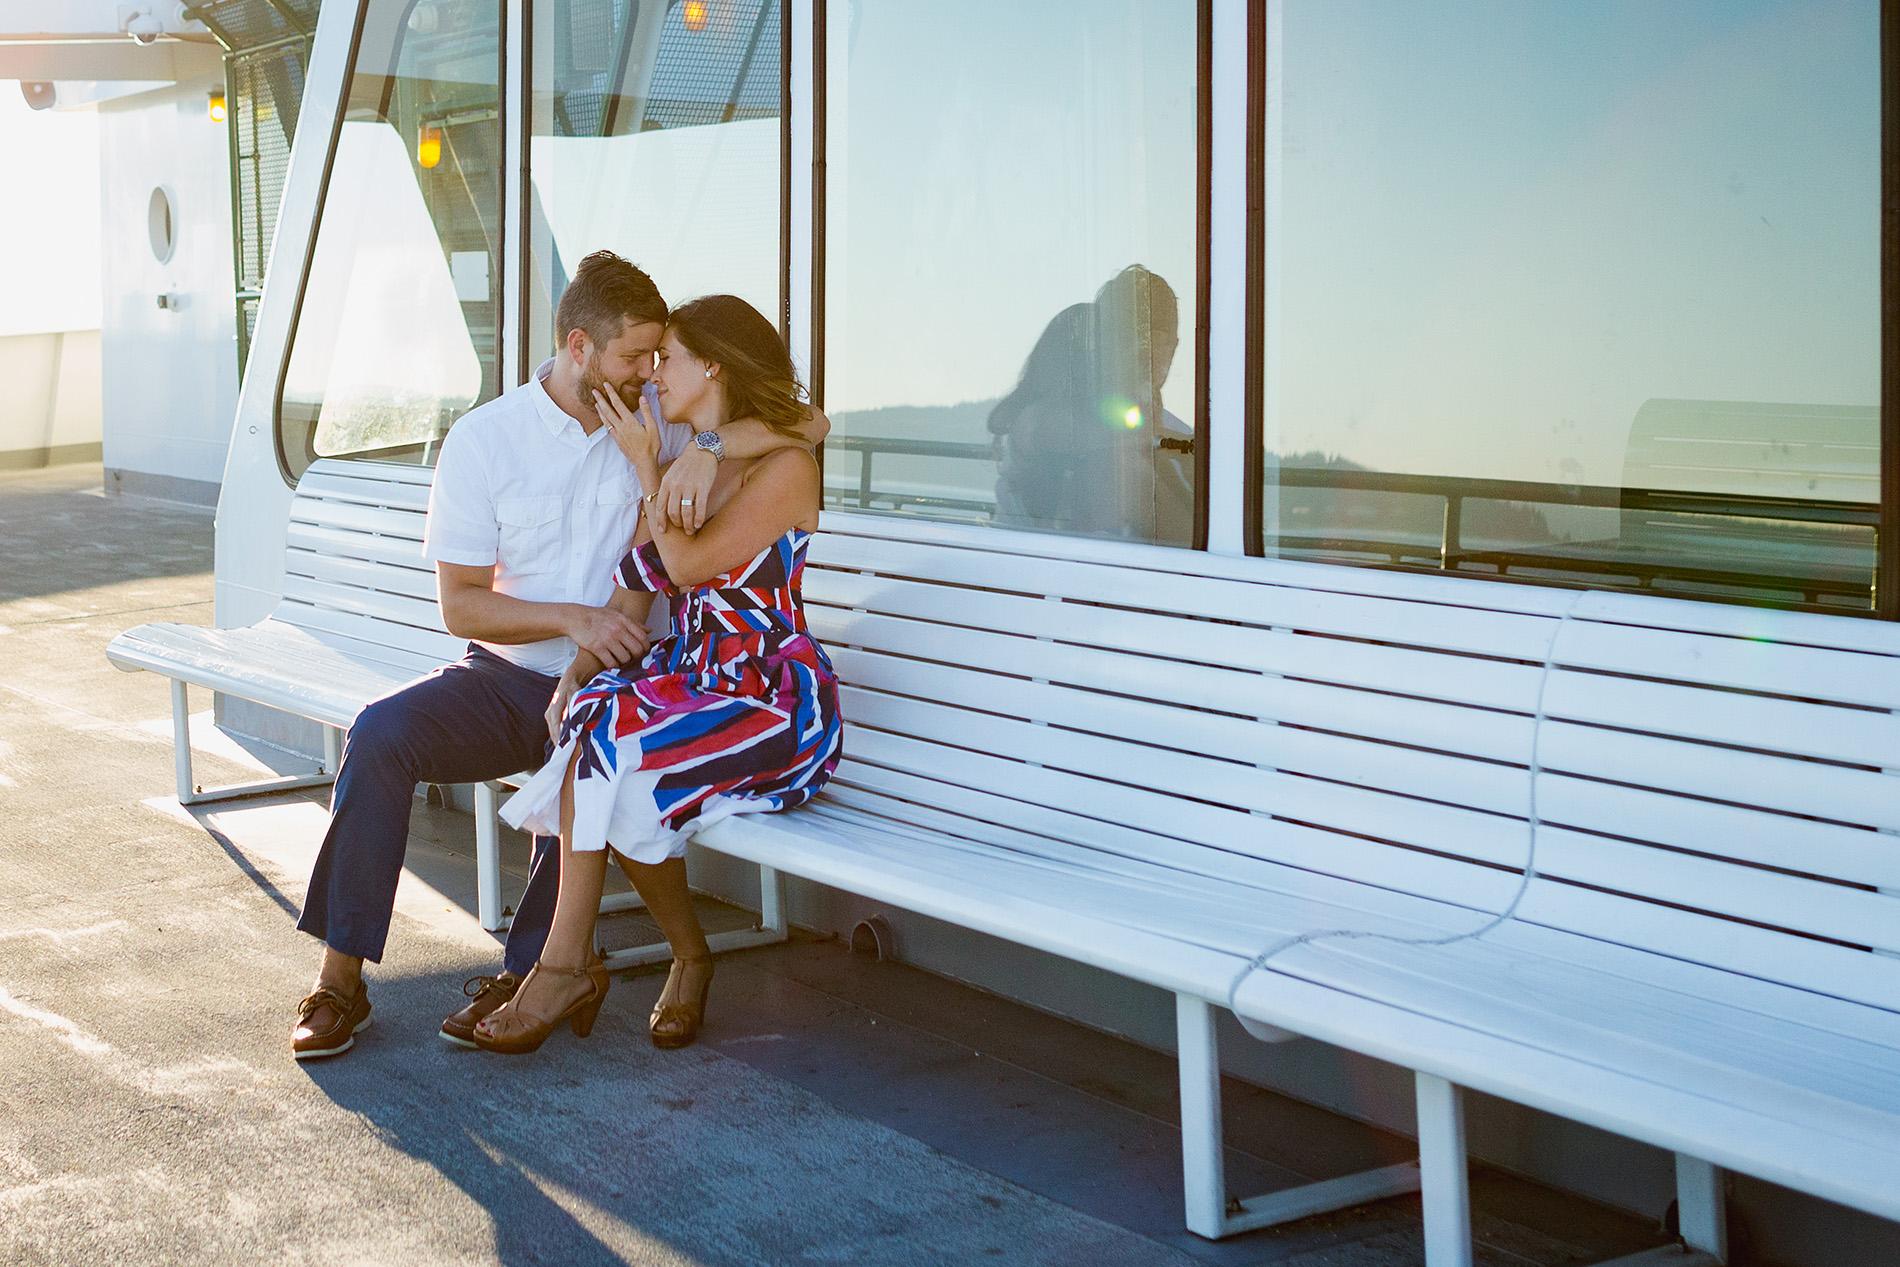 San Diego Family Photographer Christine Dammann Photography Couples 5.jpg